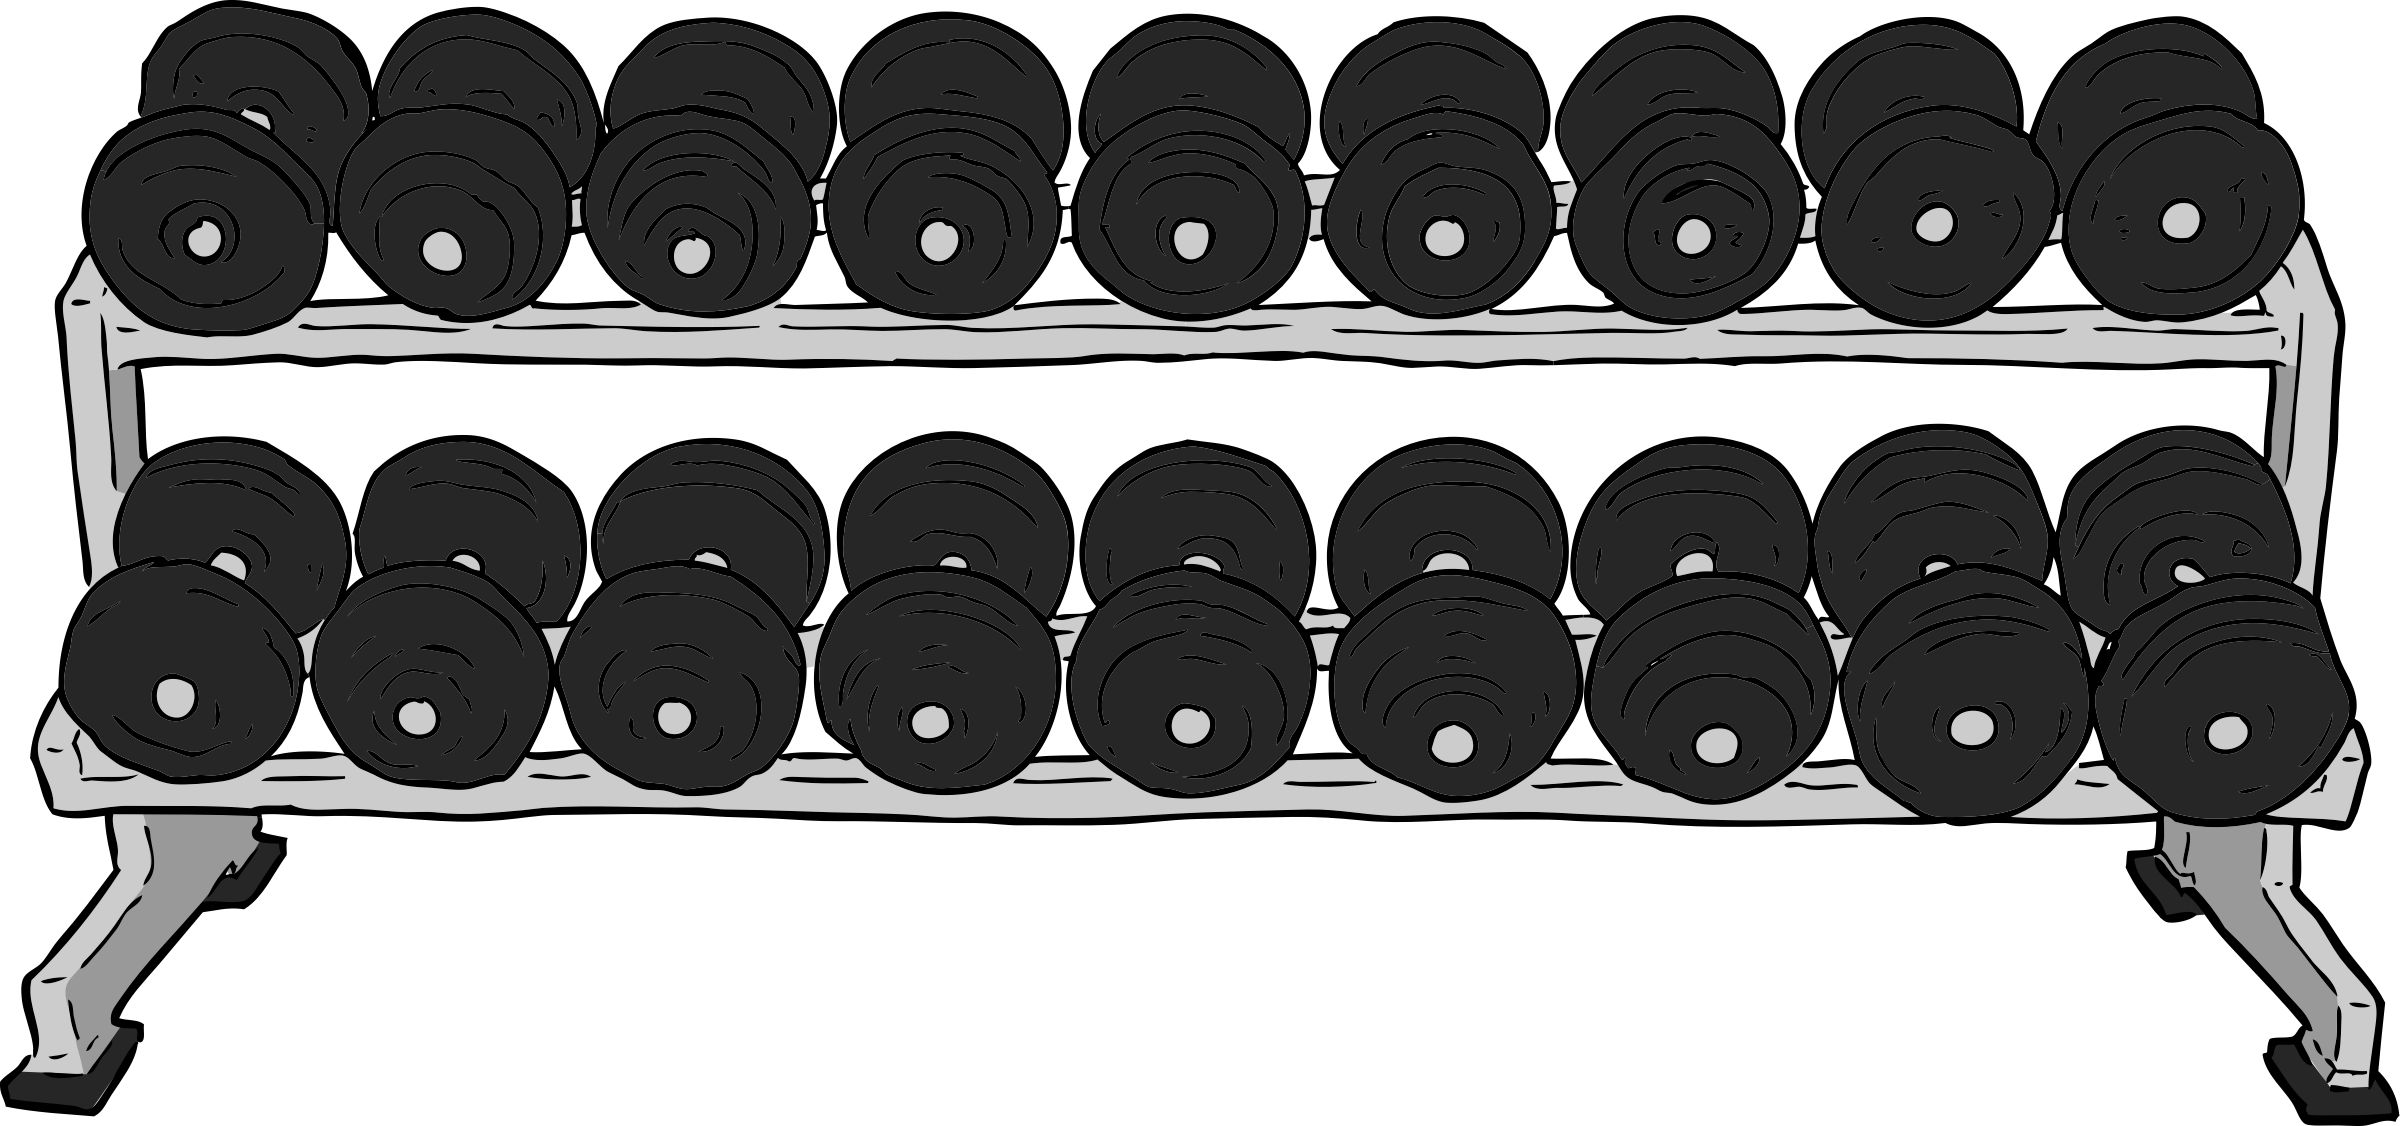 Dumbell rack big image. Dumbbells clipart cartoon